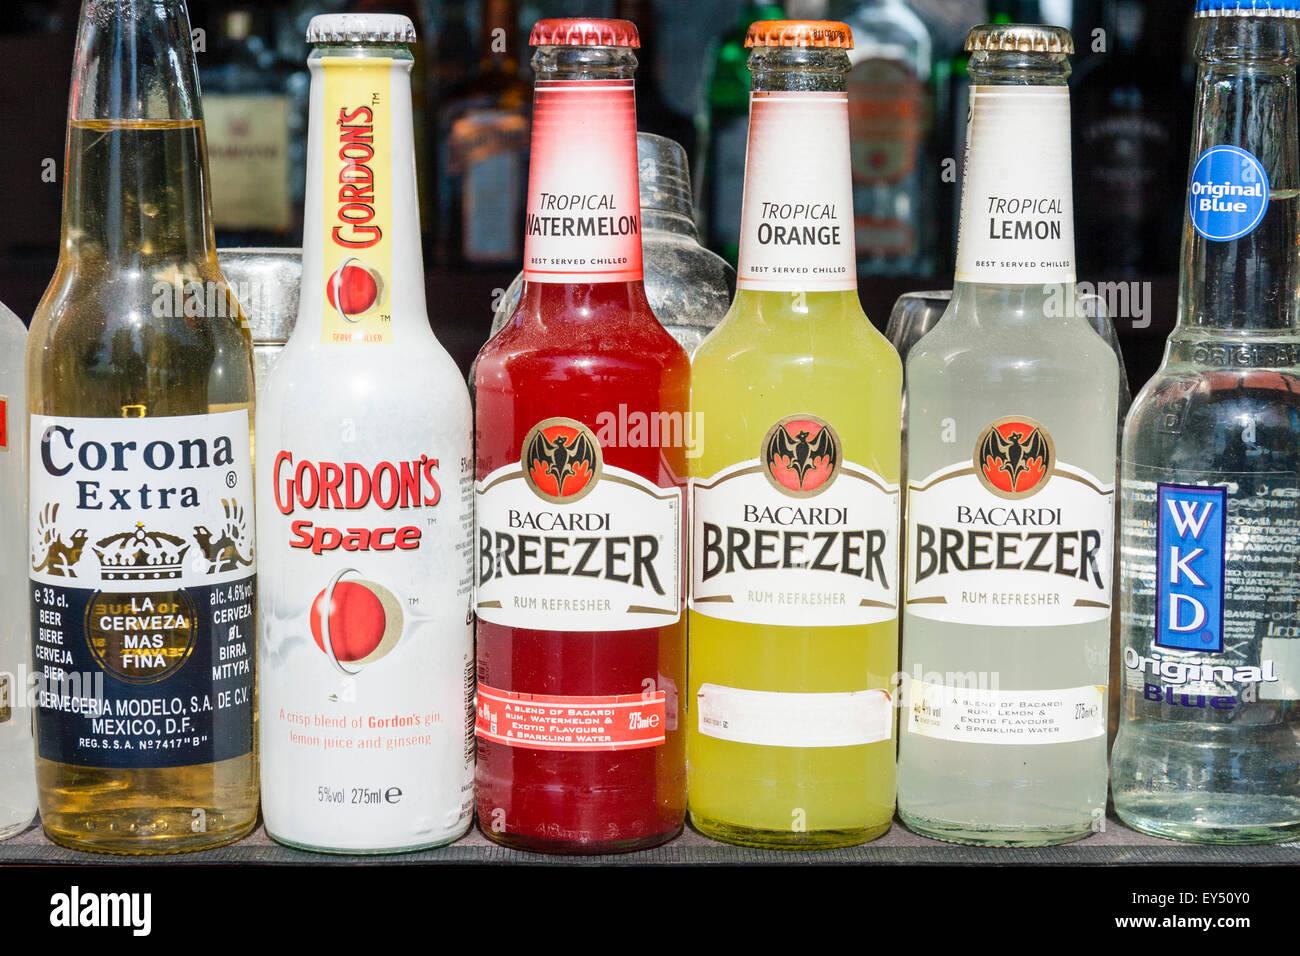 Bacardi Breezer Bottles Stockfotos & Bacardi Breezer Bottles Bilder ...